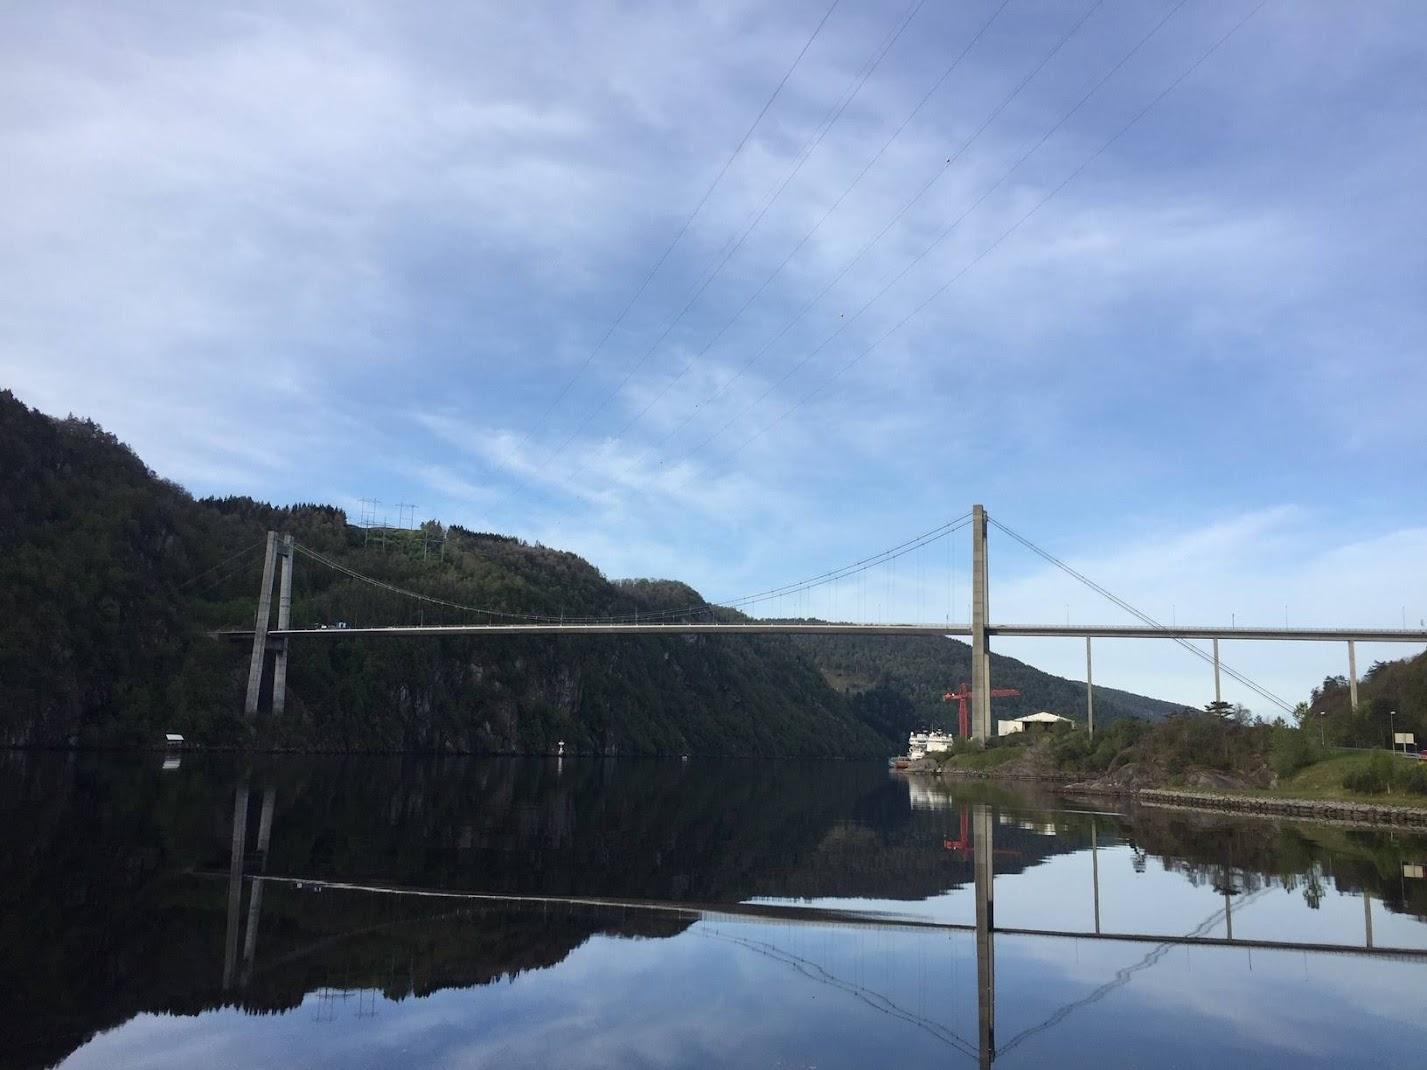 Feda broen